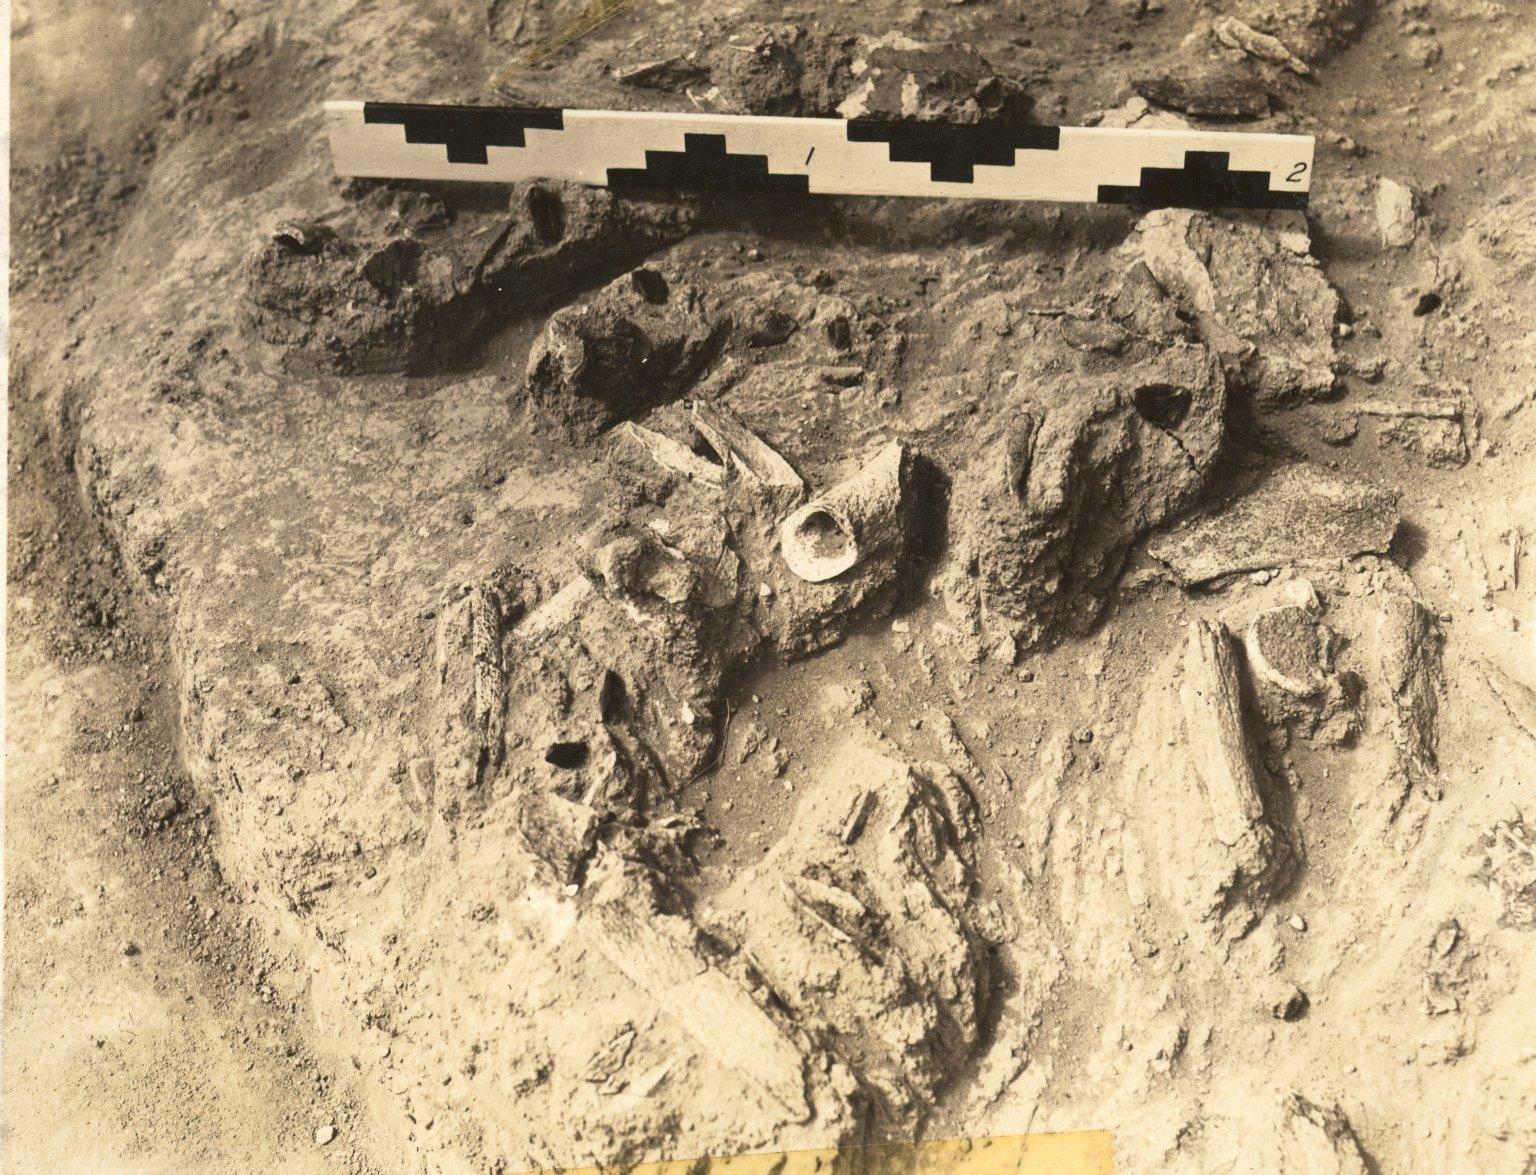 Artifacts in situ